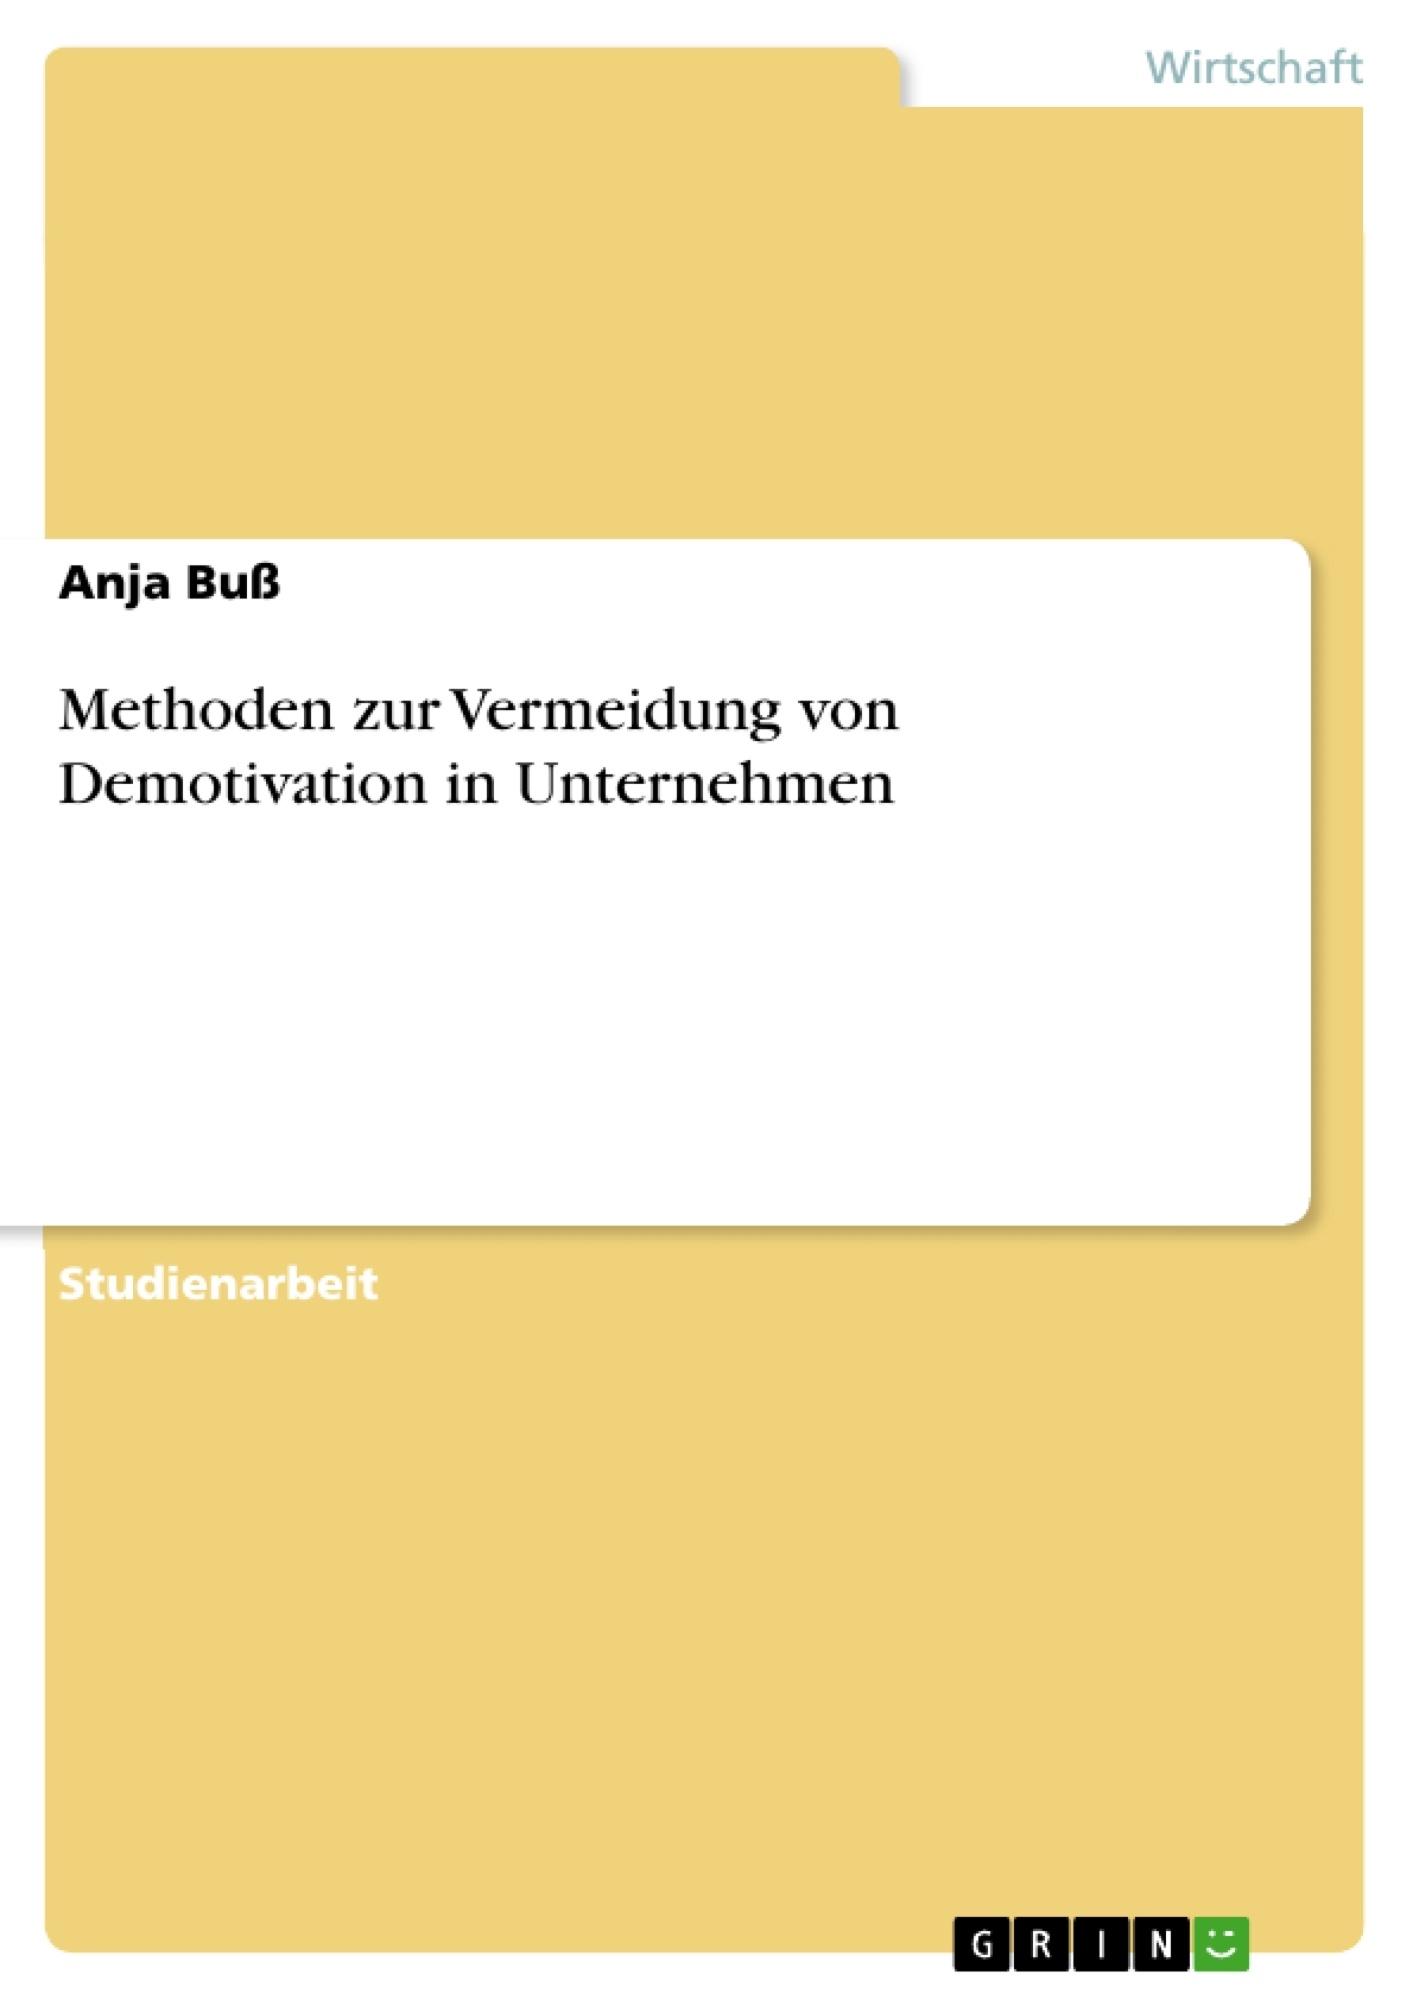 Titel: Methoden zur Vermeidung von Demotivation in Unternehmen